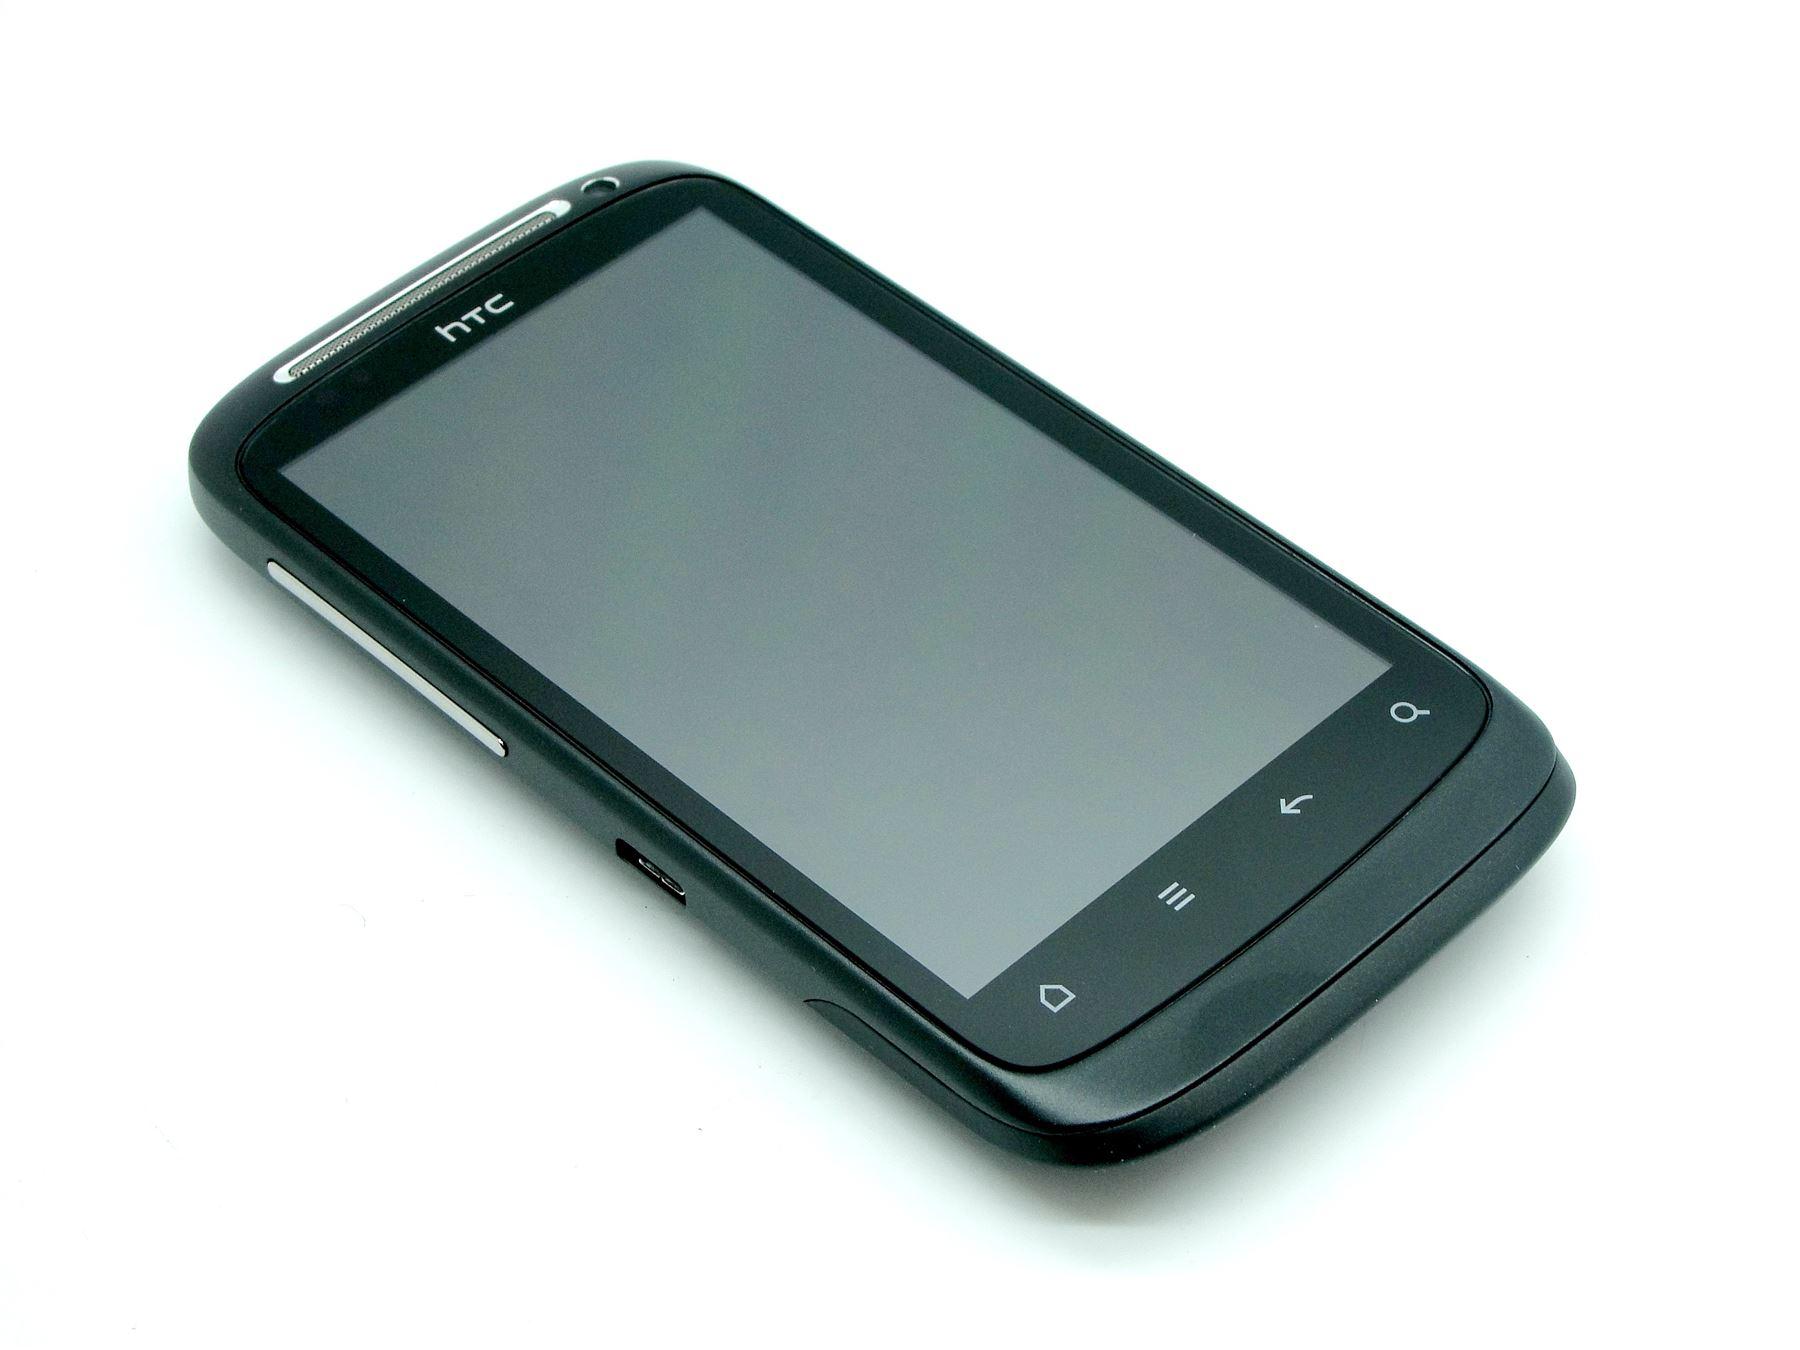 BRAND NEW HTC DESIRE S / S510e - 3G - GPS